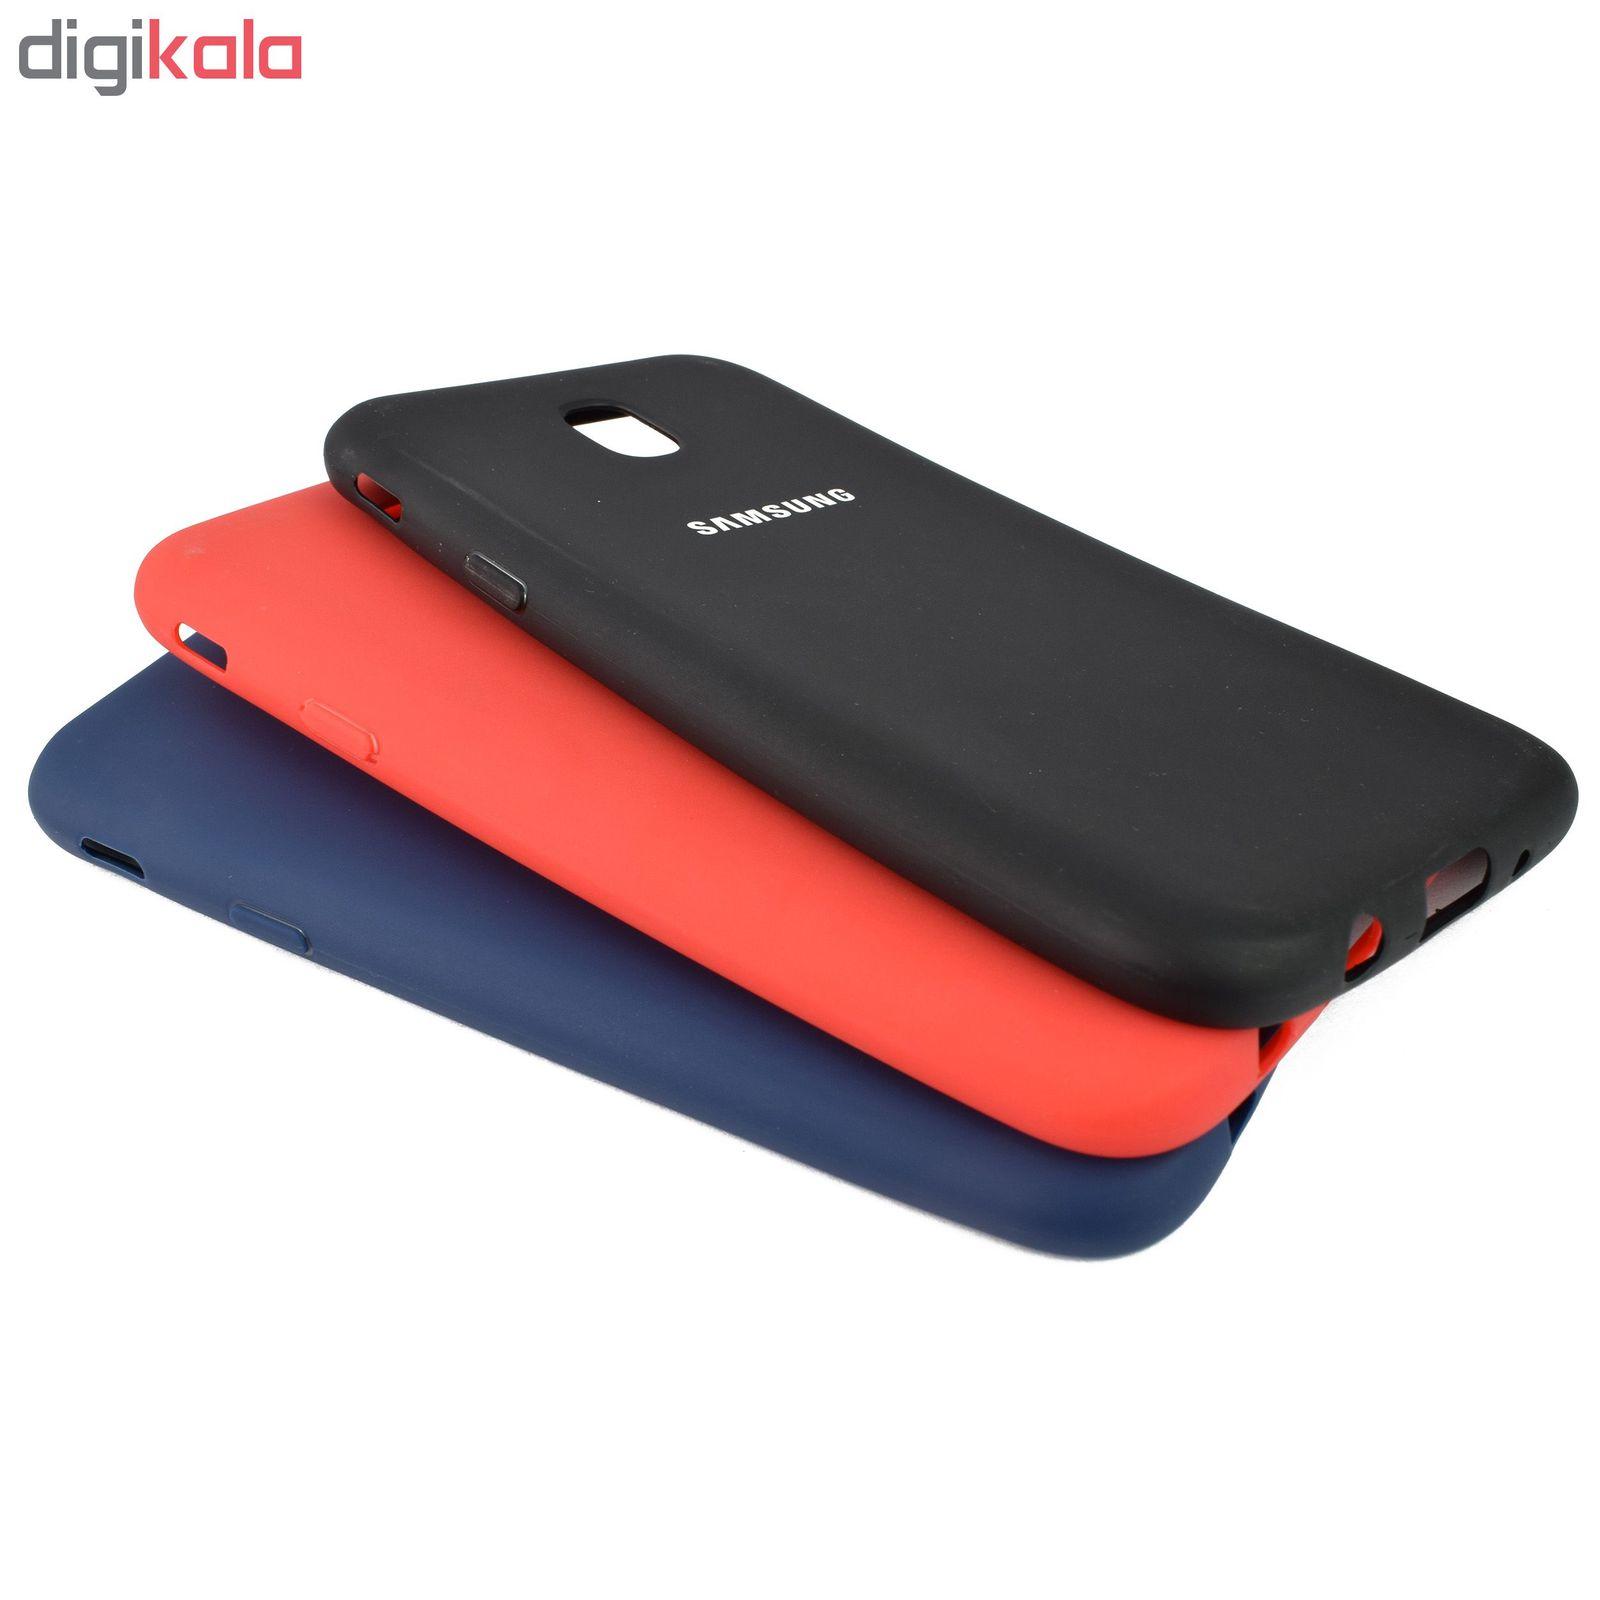 کاور مدل SC20 مناسب برای گوشی موبایل سامسونگ Galaxy J7 Pro / J730 main 1 1